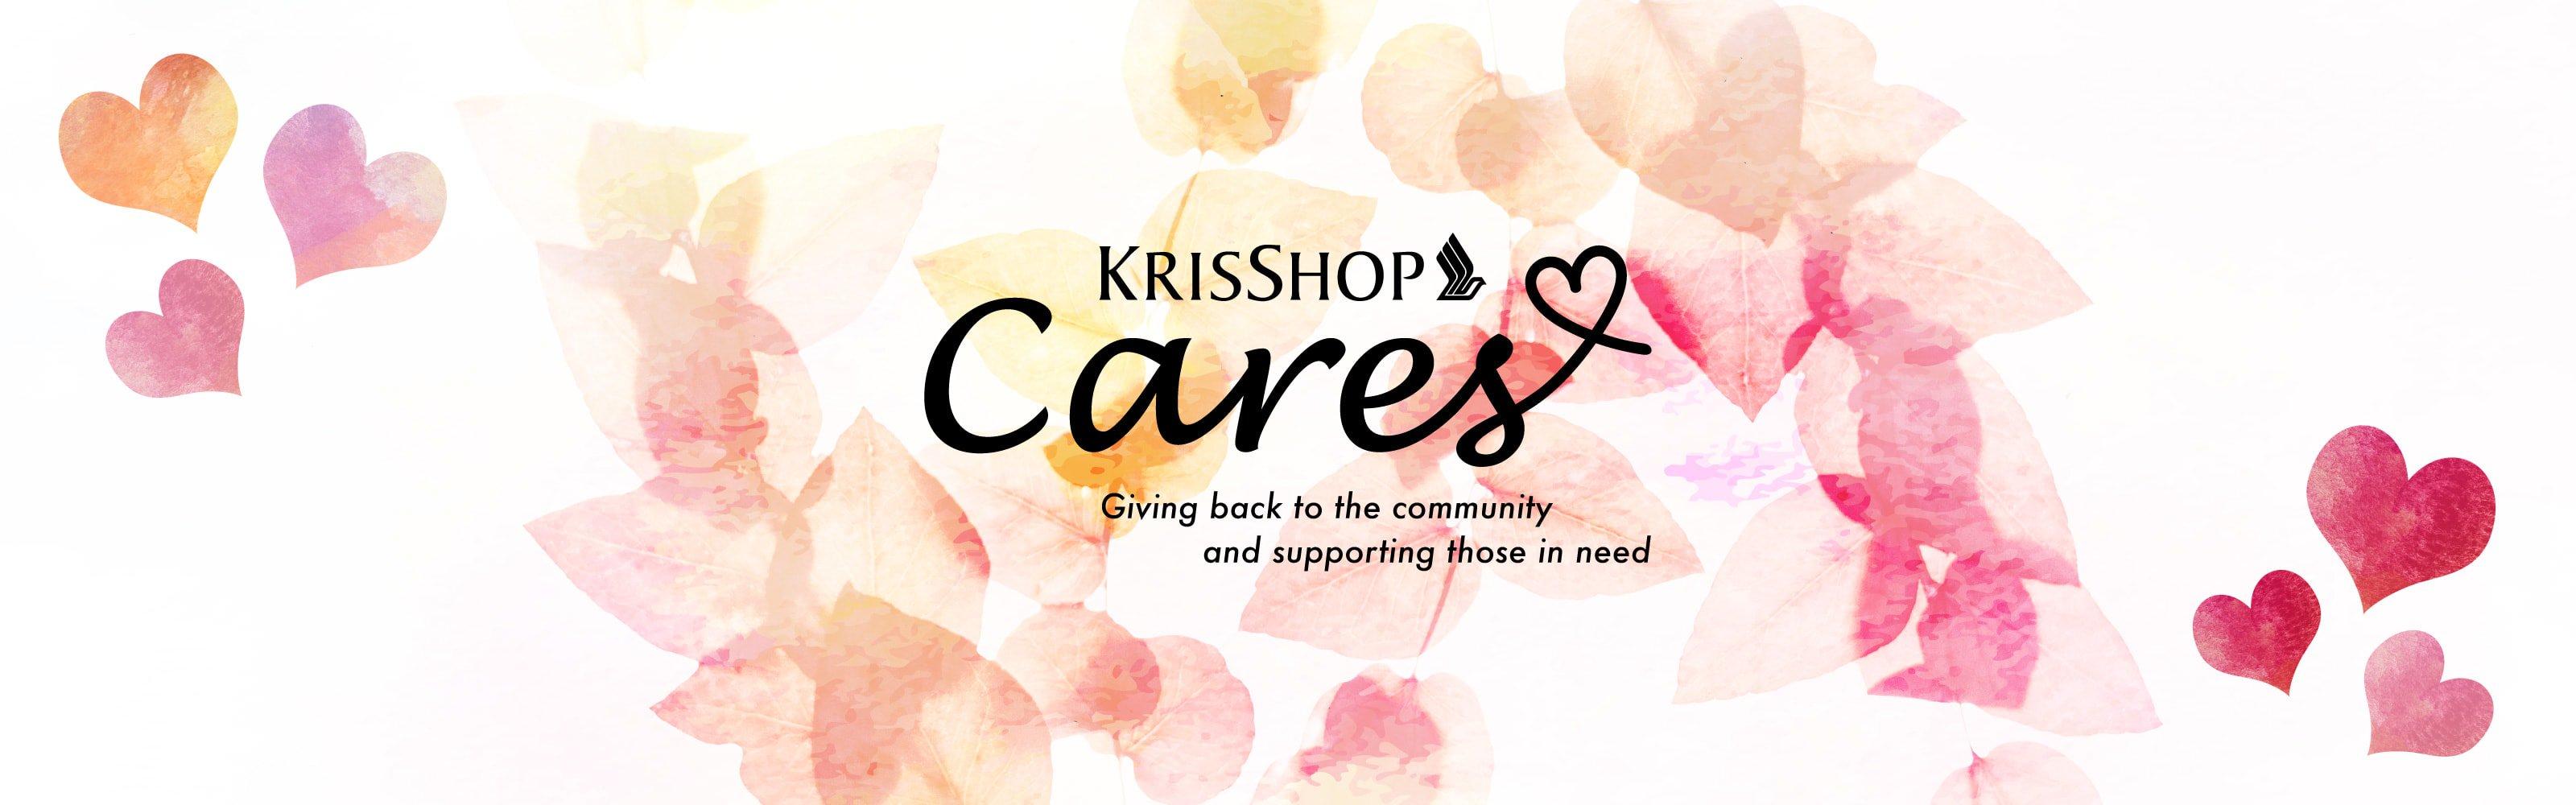 KrisShop Cares